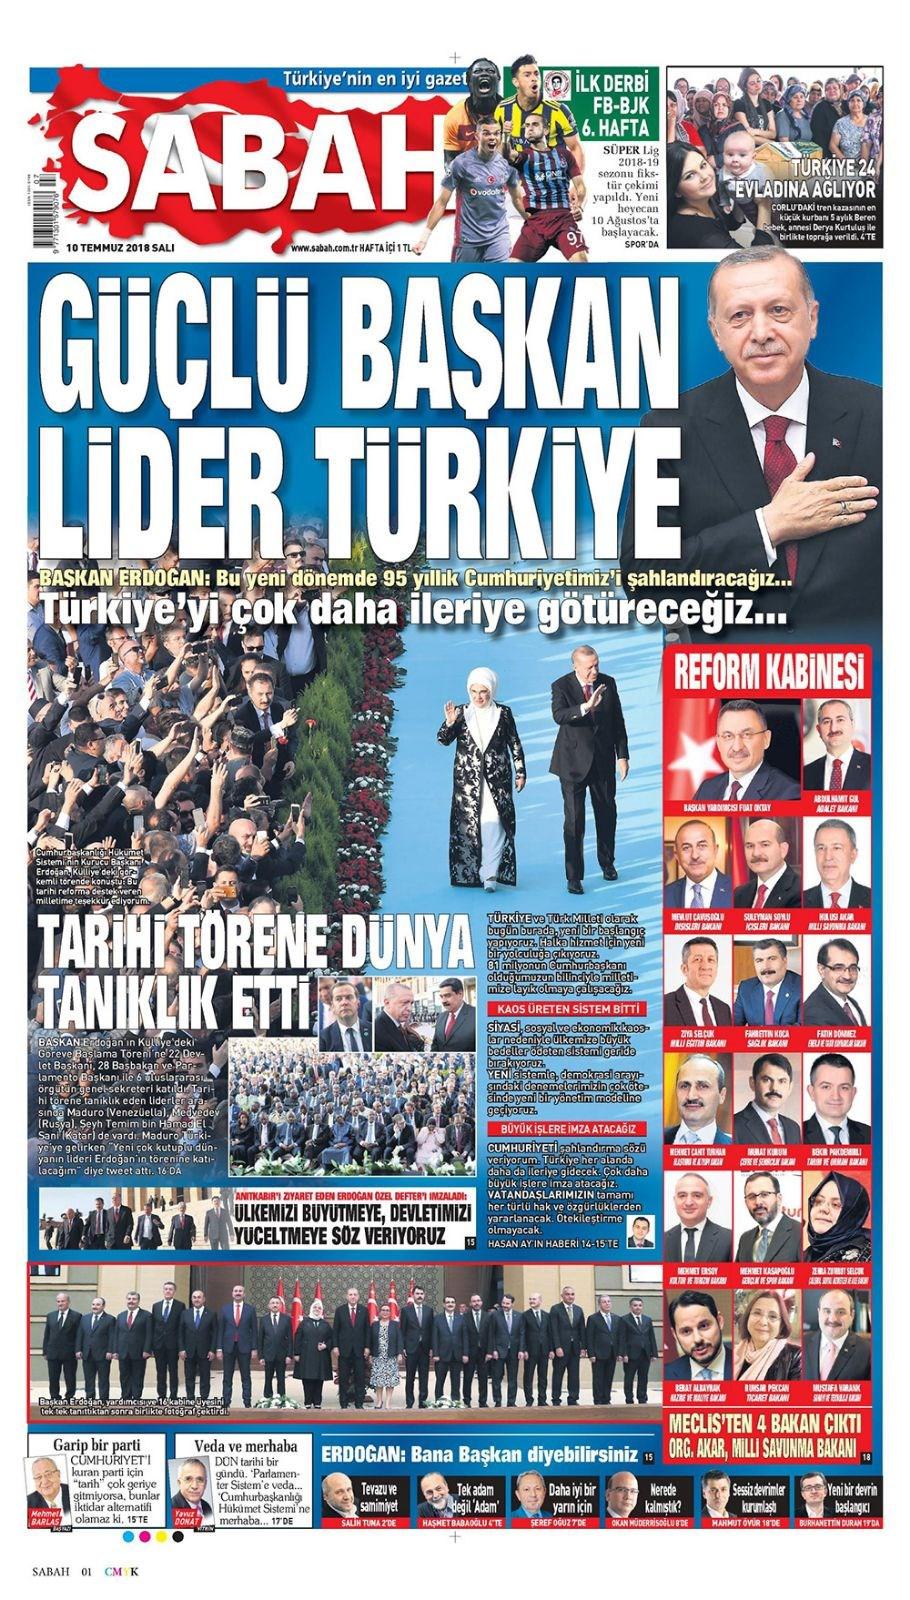 Günün gazete manşetleri (10 Temmuz 2018)